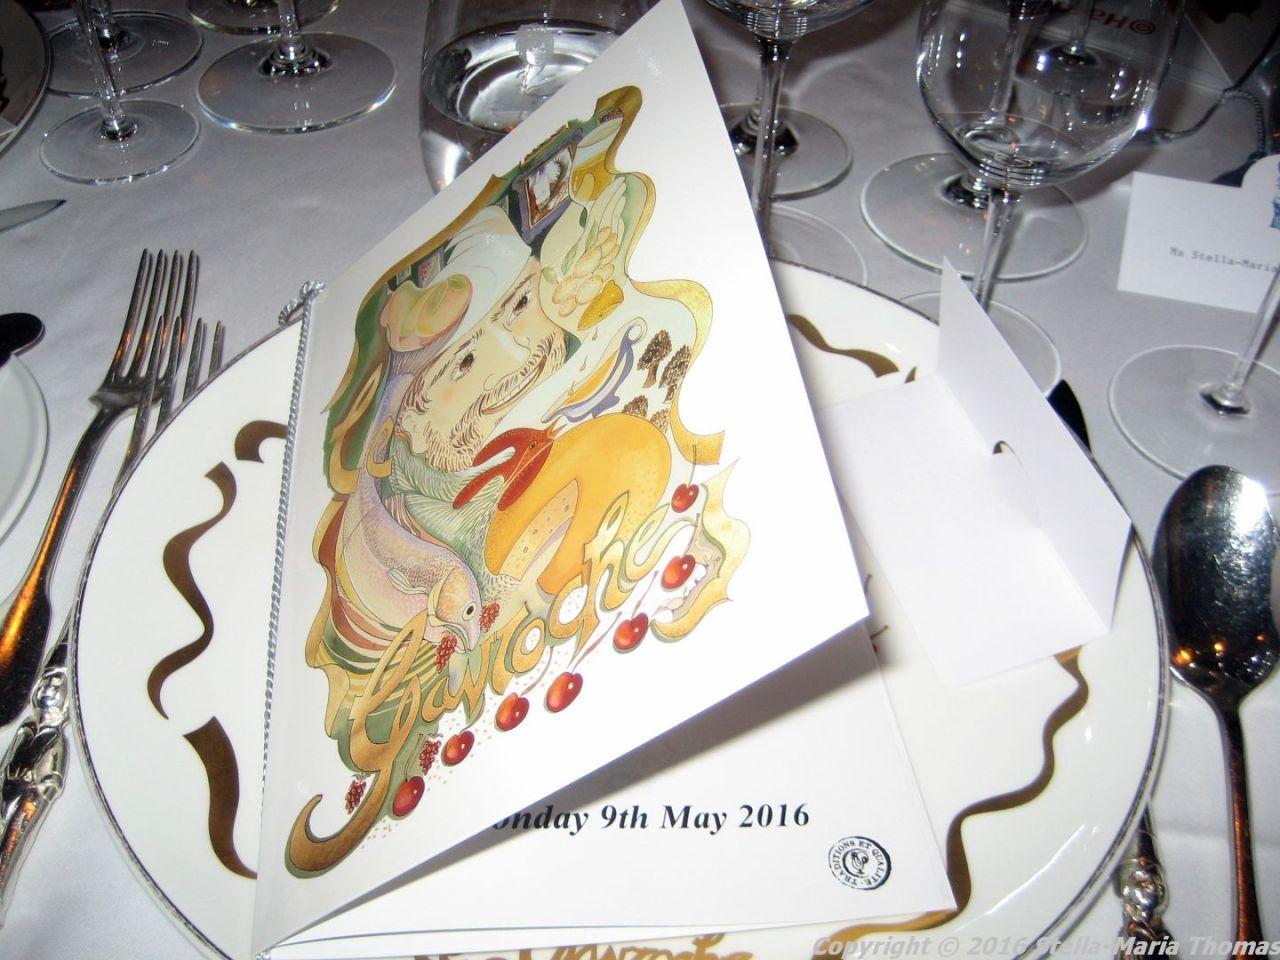 Food 2016 – Le Gavroche,London